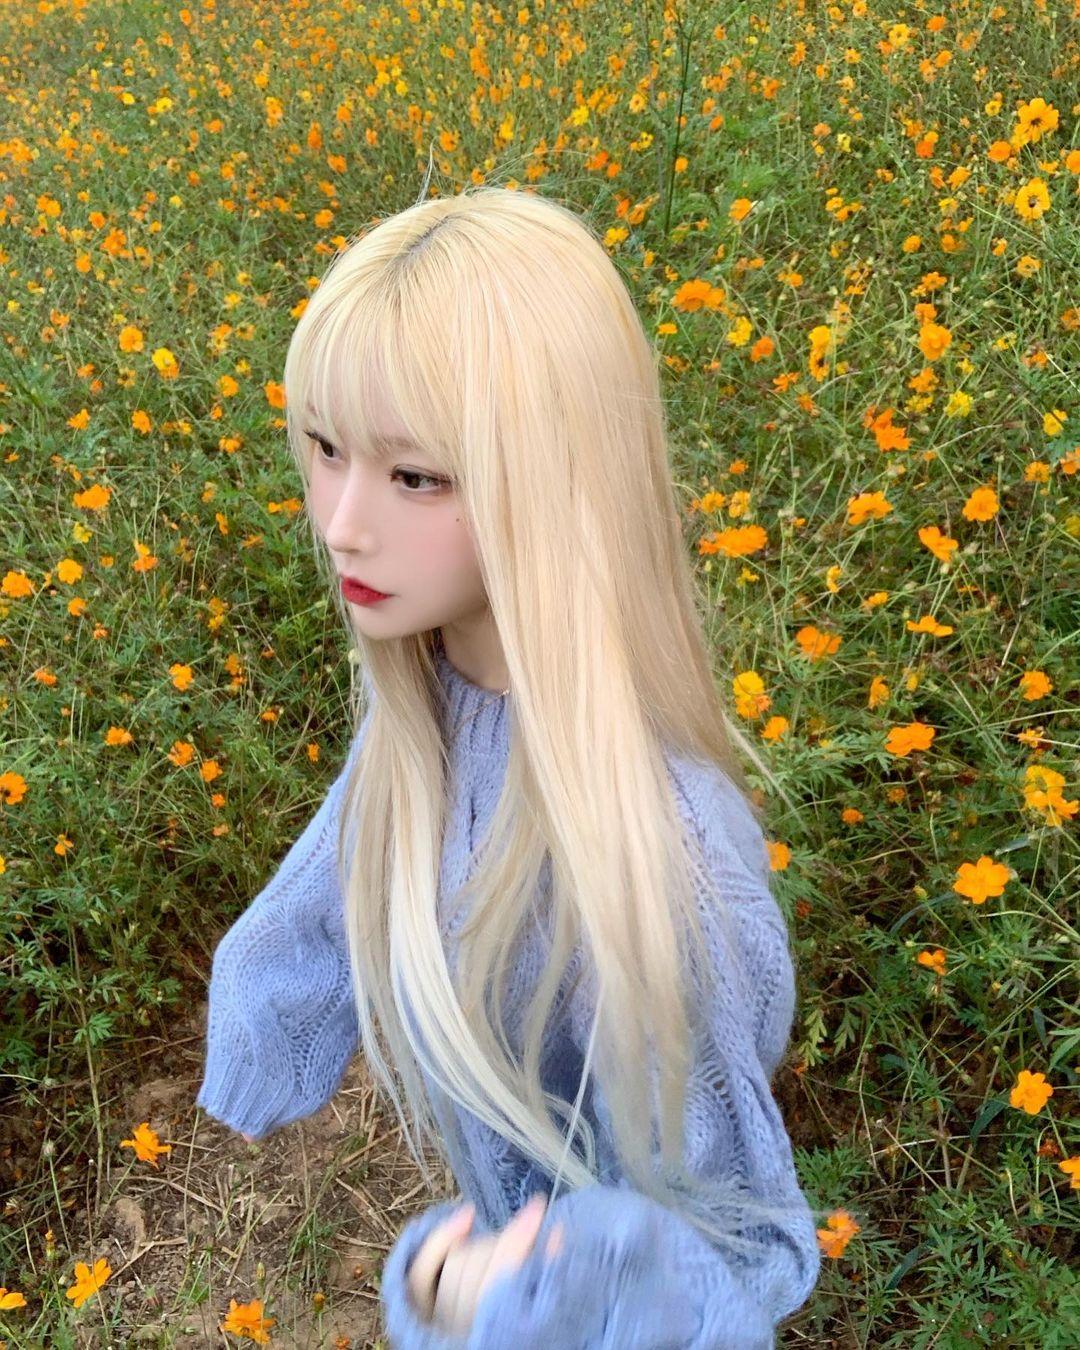 Lisa hói đầu, trai đẹp rụng tóc lả tả vì tẩy tóc: Bạn cần ghim ngay những tips này nếu đang định đảo ngói cuối năm - Ảnh 5.